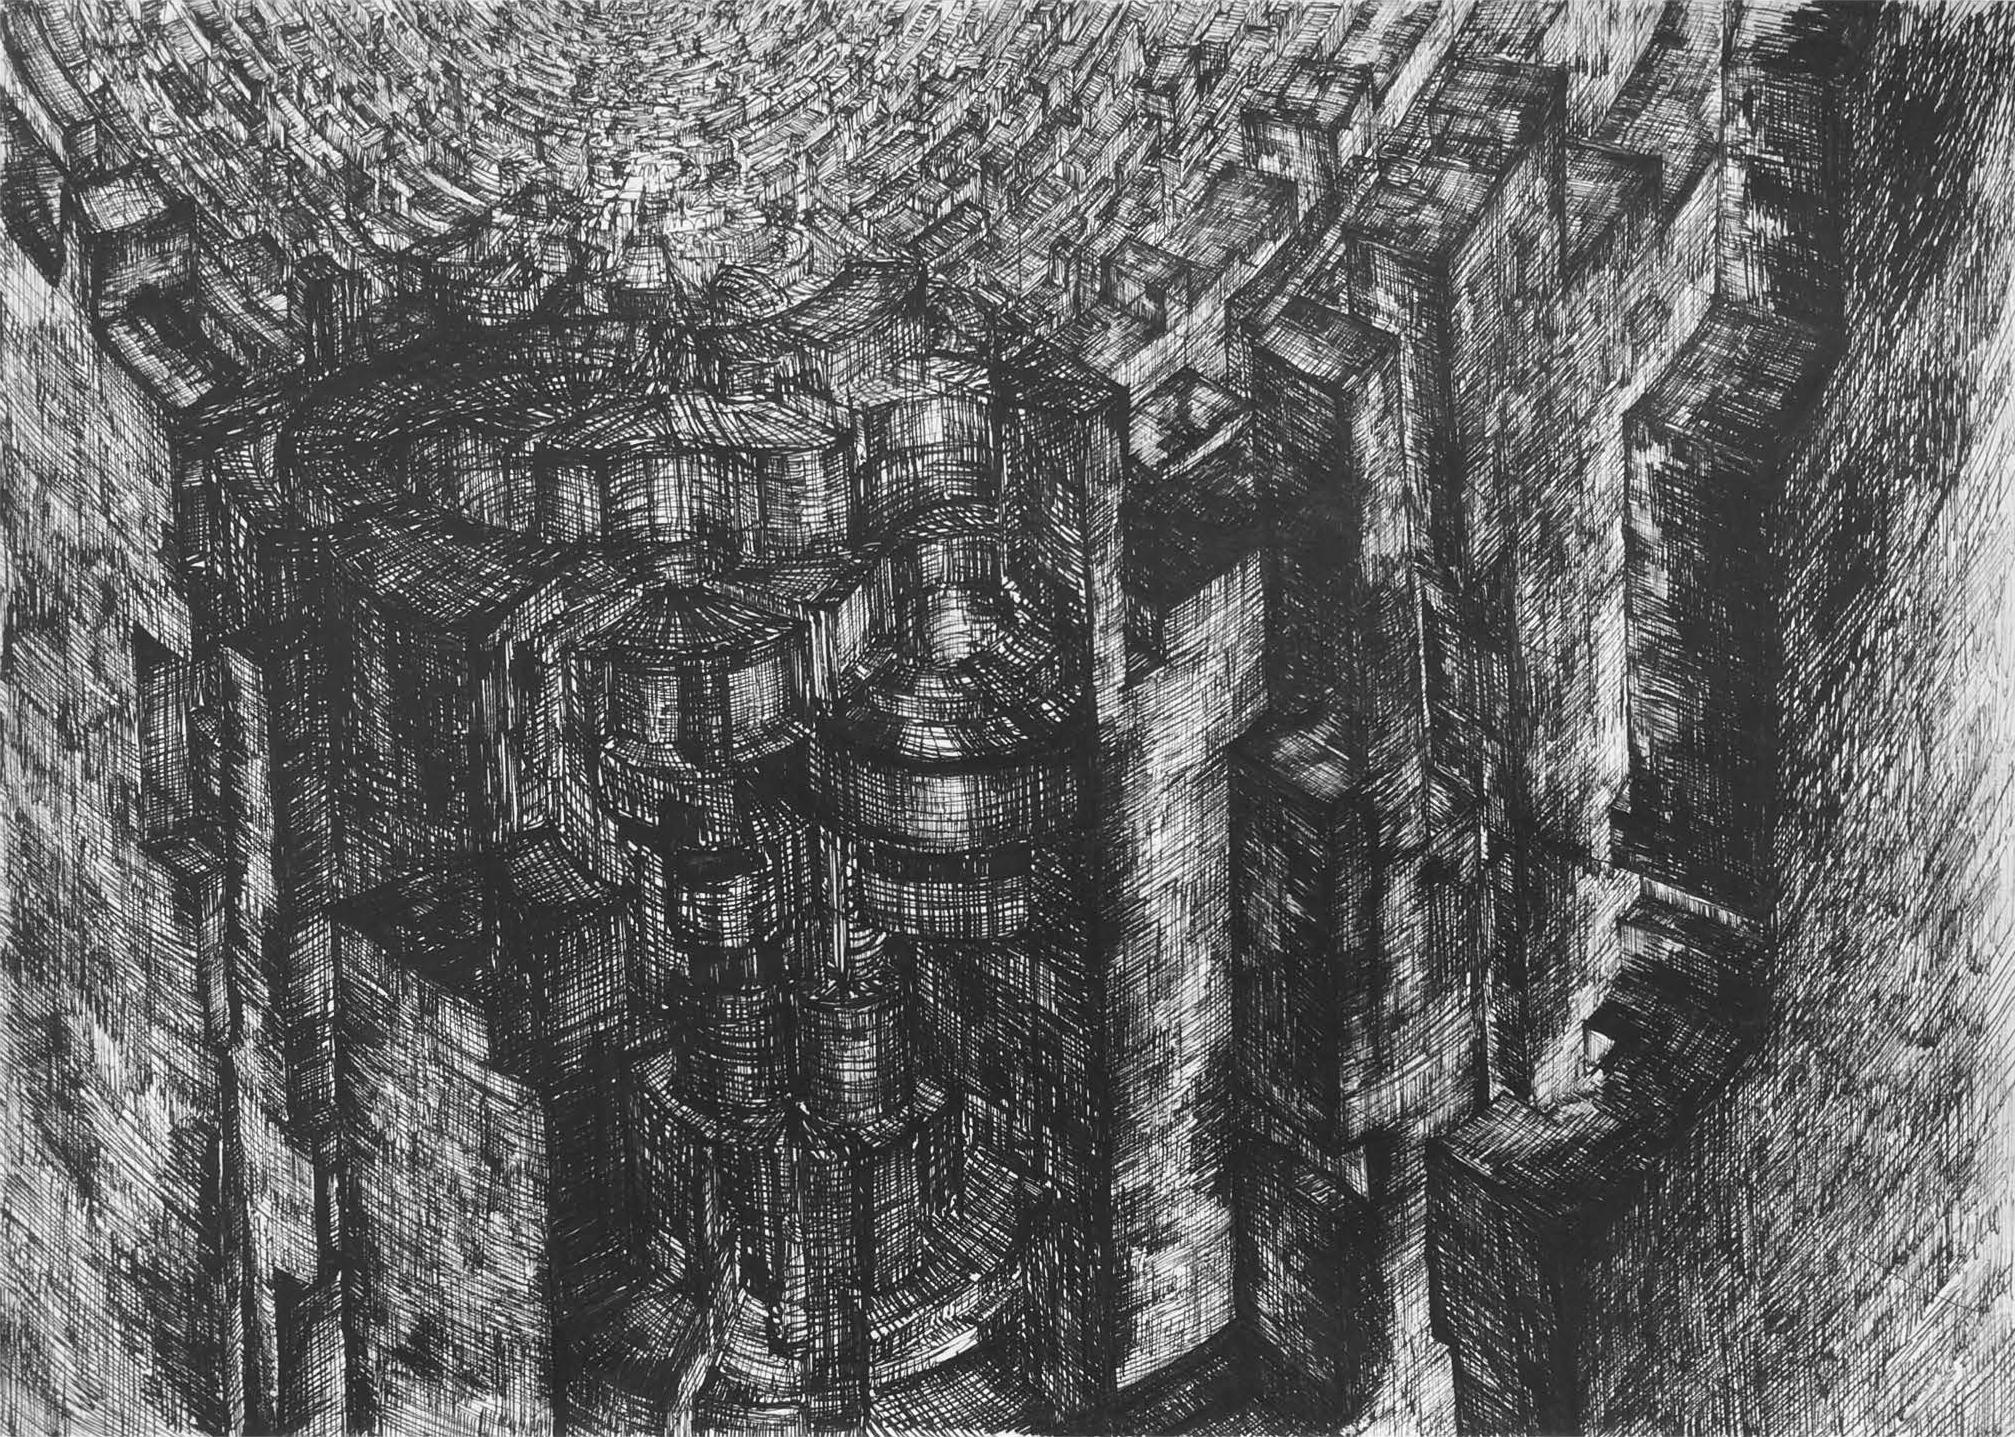 Billedet viser en blyants tegning af uendelige tætte og høje mure